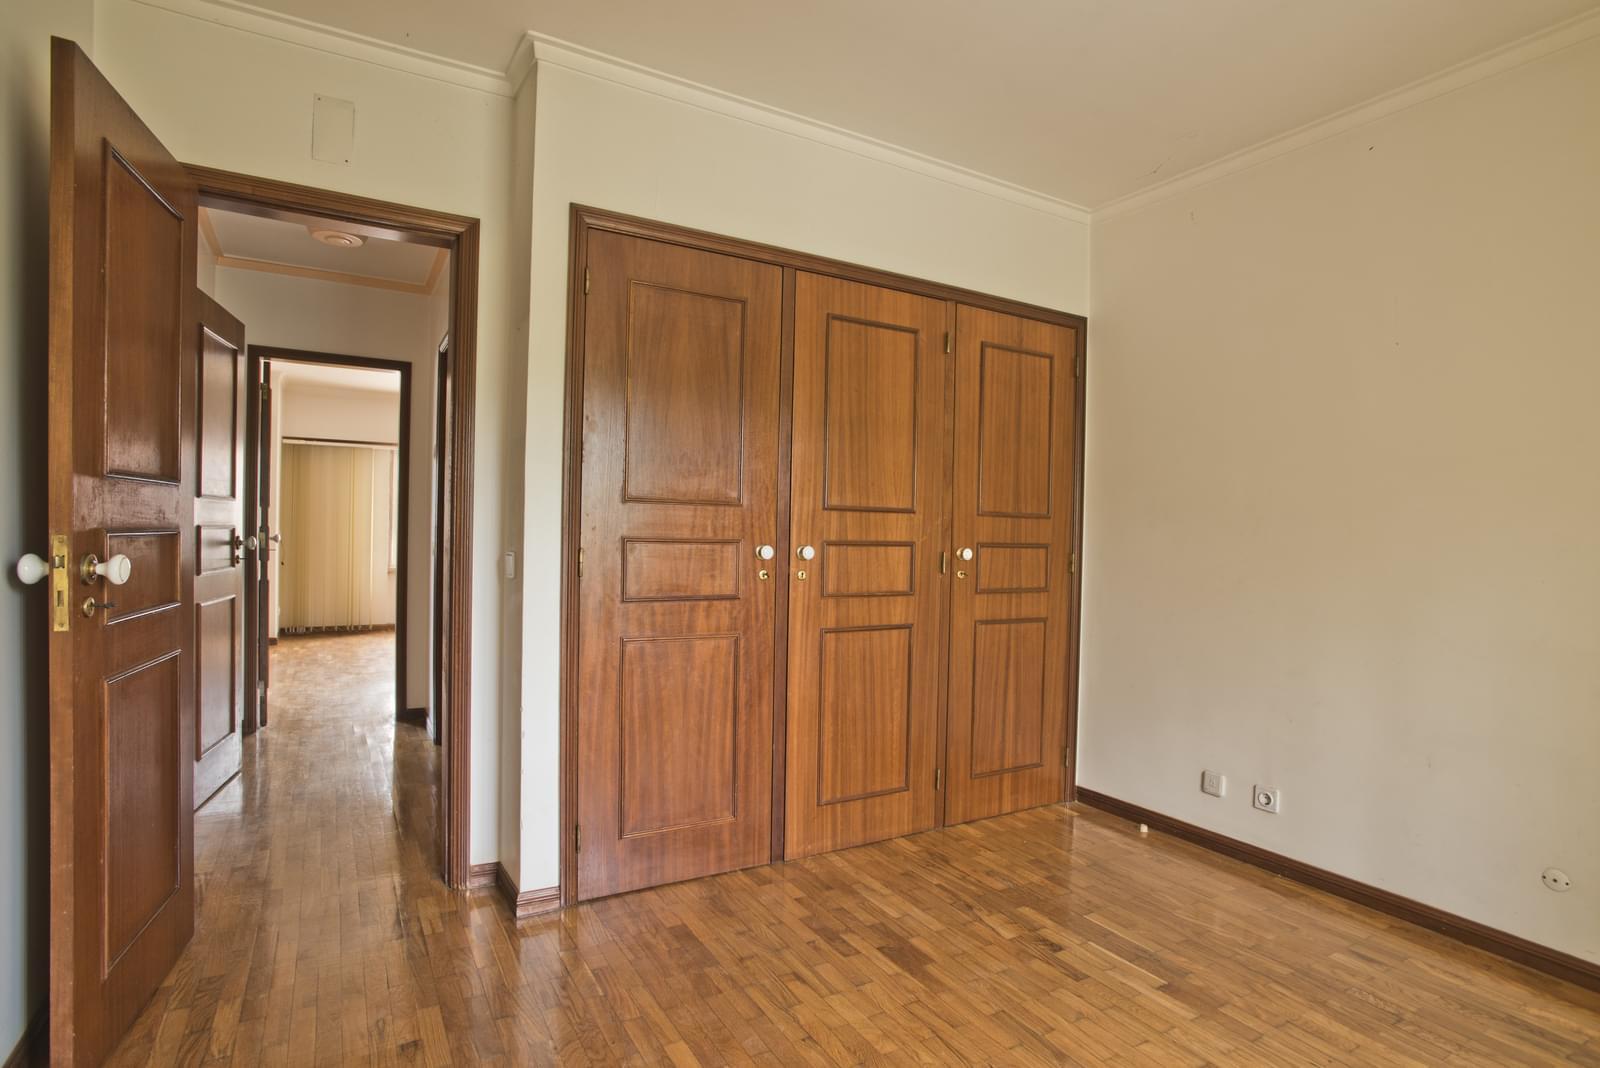 pf17280-apartamento-t2-cascais-66bfda16-4bcd-4f7c-a9ef-04e47cd26d51